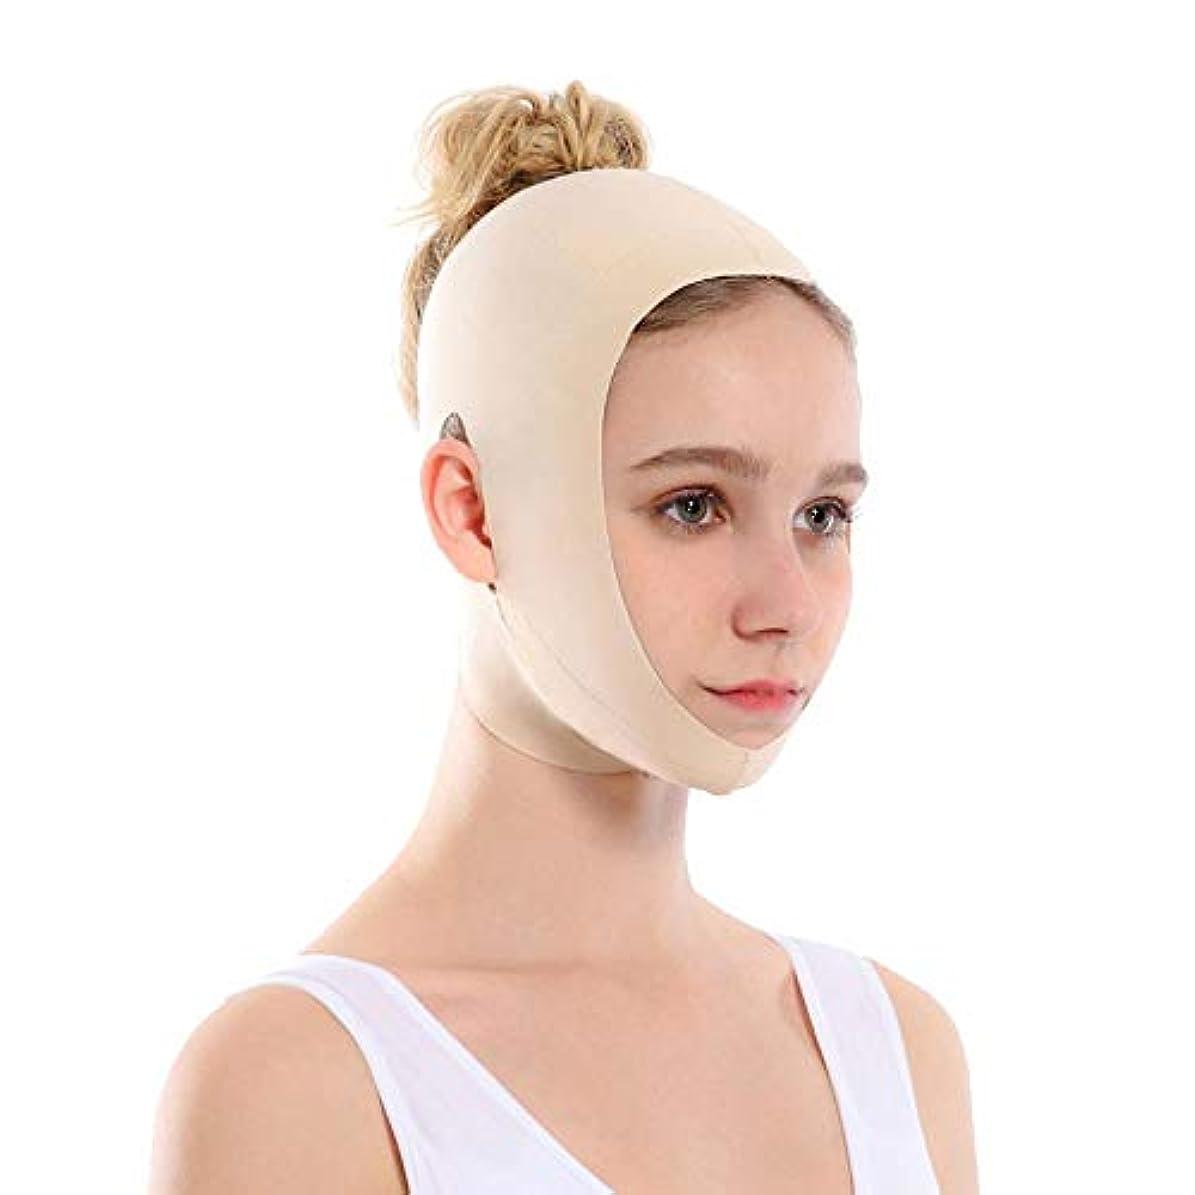 ましい正しい促進する顔を持ち上げるアーティファクトVフェイス包帯リフティング引き締め睡眠薄い顔を整形持ち上げる顔を二重あご矯正 - 肌の色